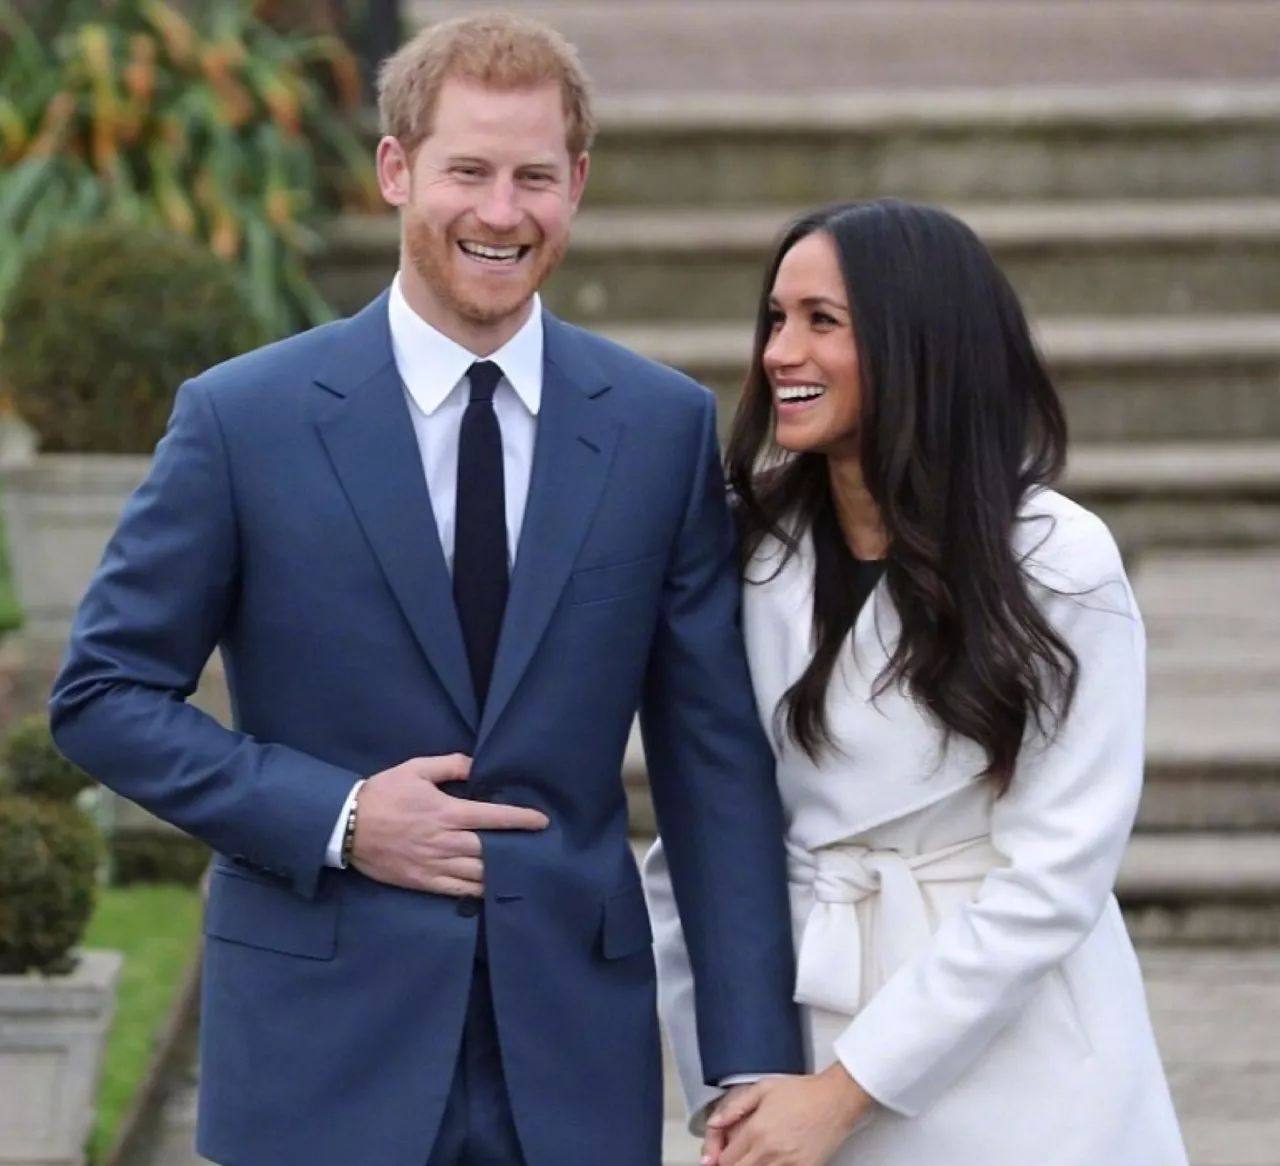 大龄,高学历,离过婚…哈里王子未婚妻,在中国嫁的出去吗?